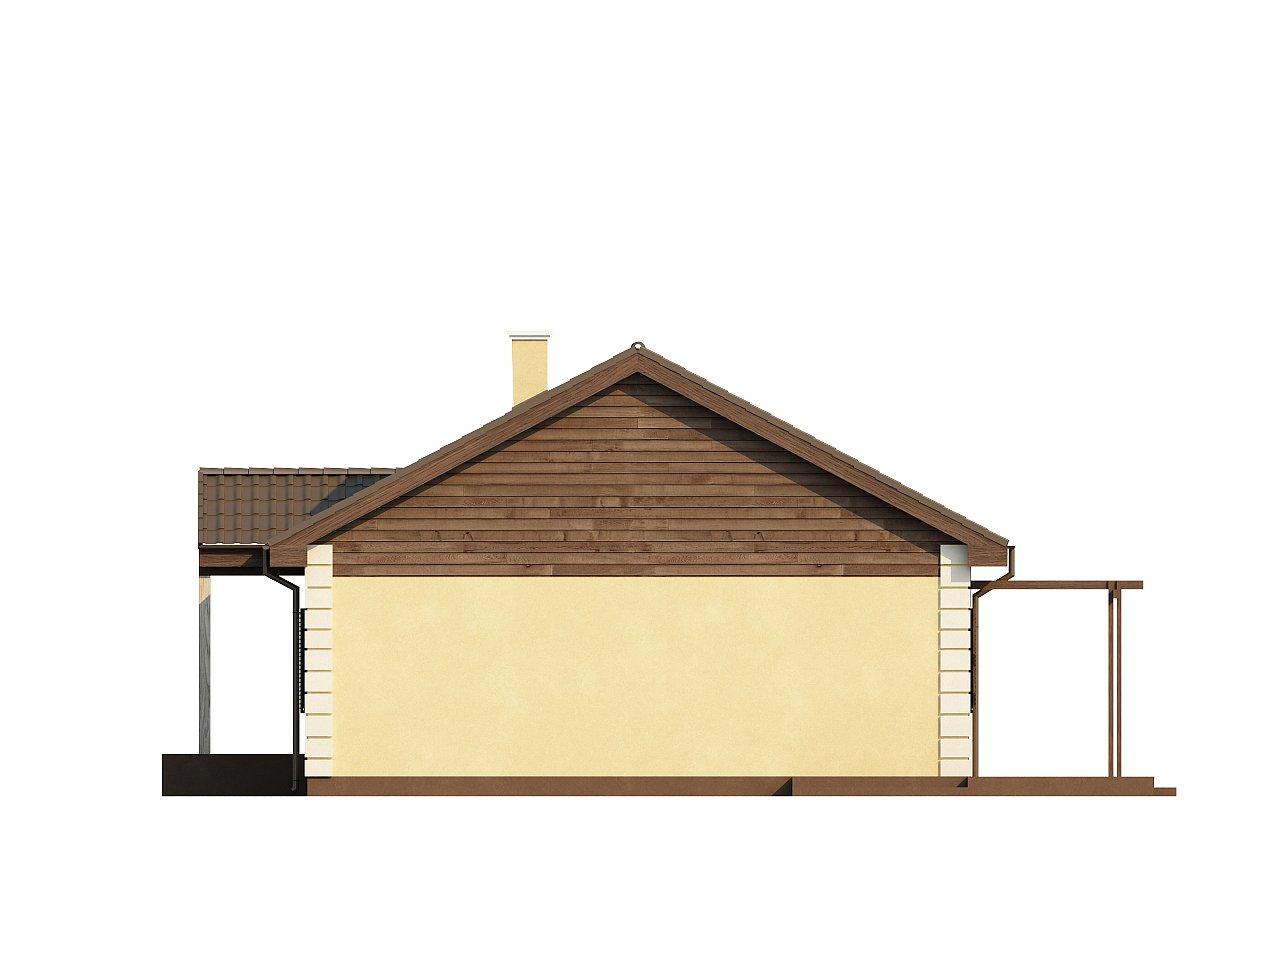 Выгодный и простой в строительстве дом полезной площадью 100 м2. 15